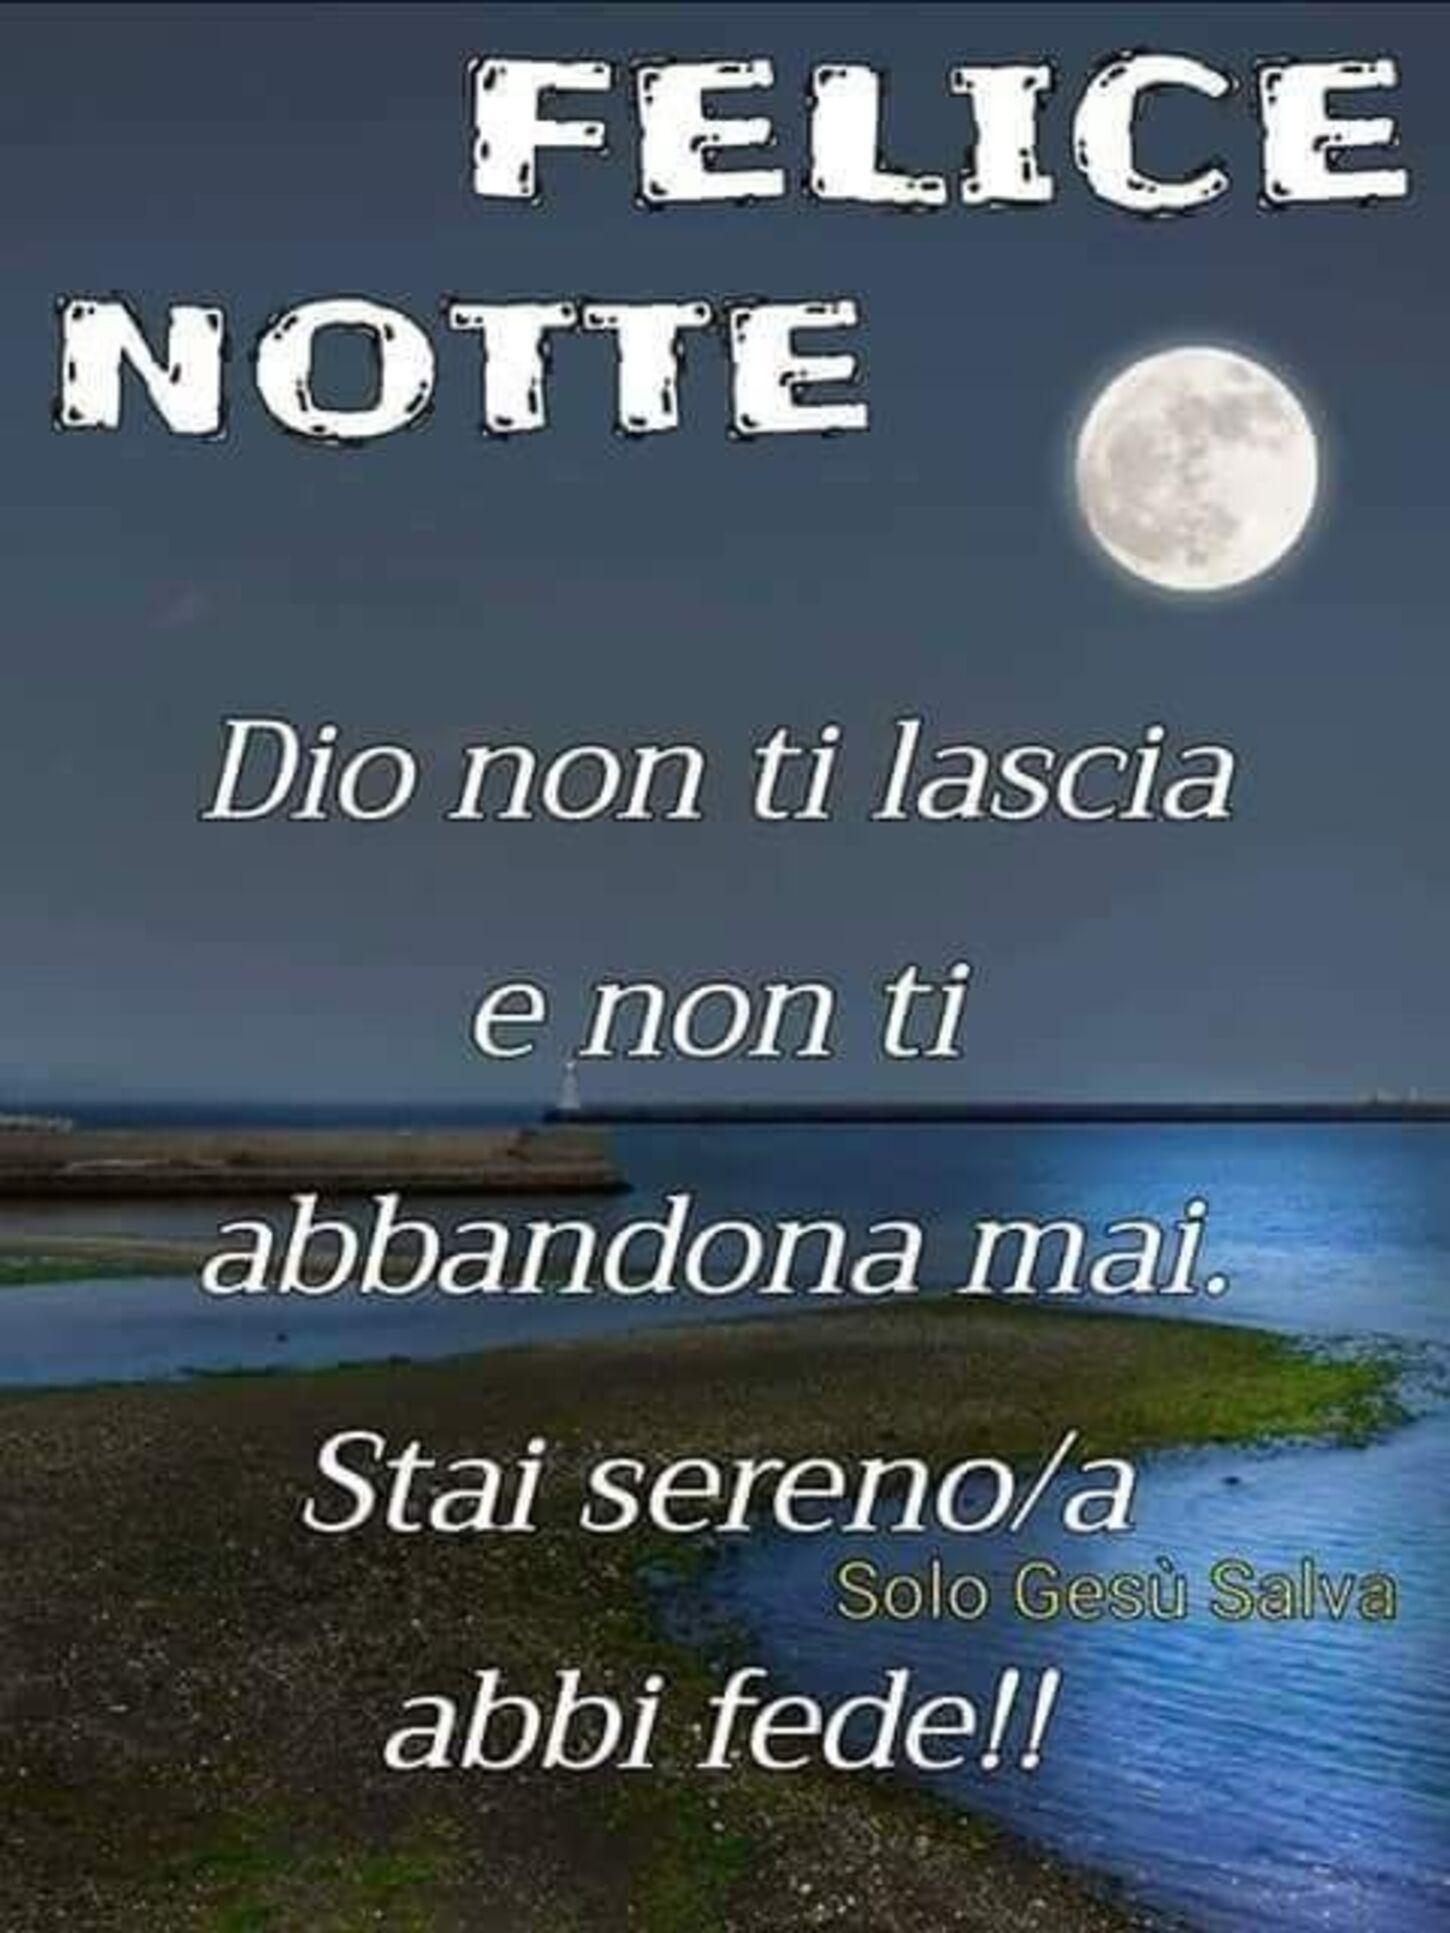 FELICE NOTTE Dio non ti lascia e non ti abbandona mai. Stai sereno/a e abbi fede!!